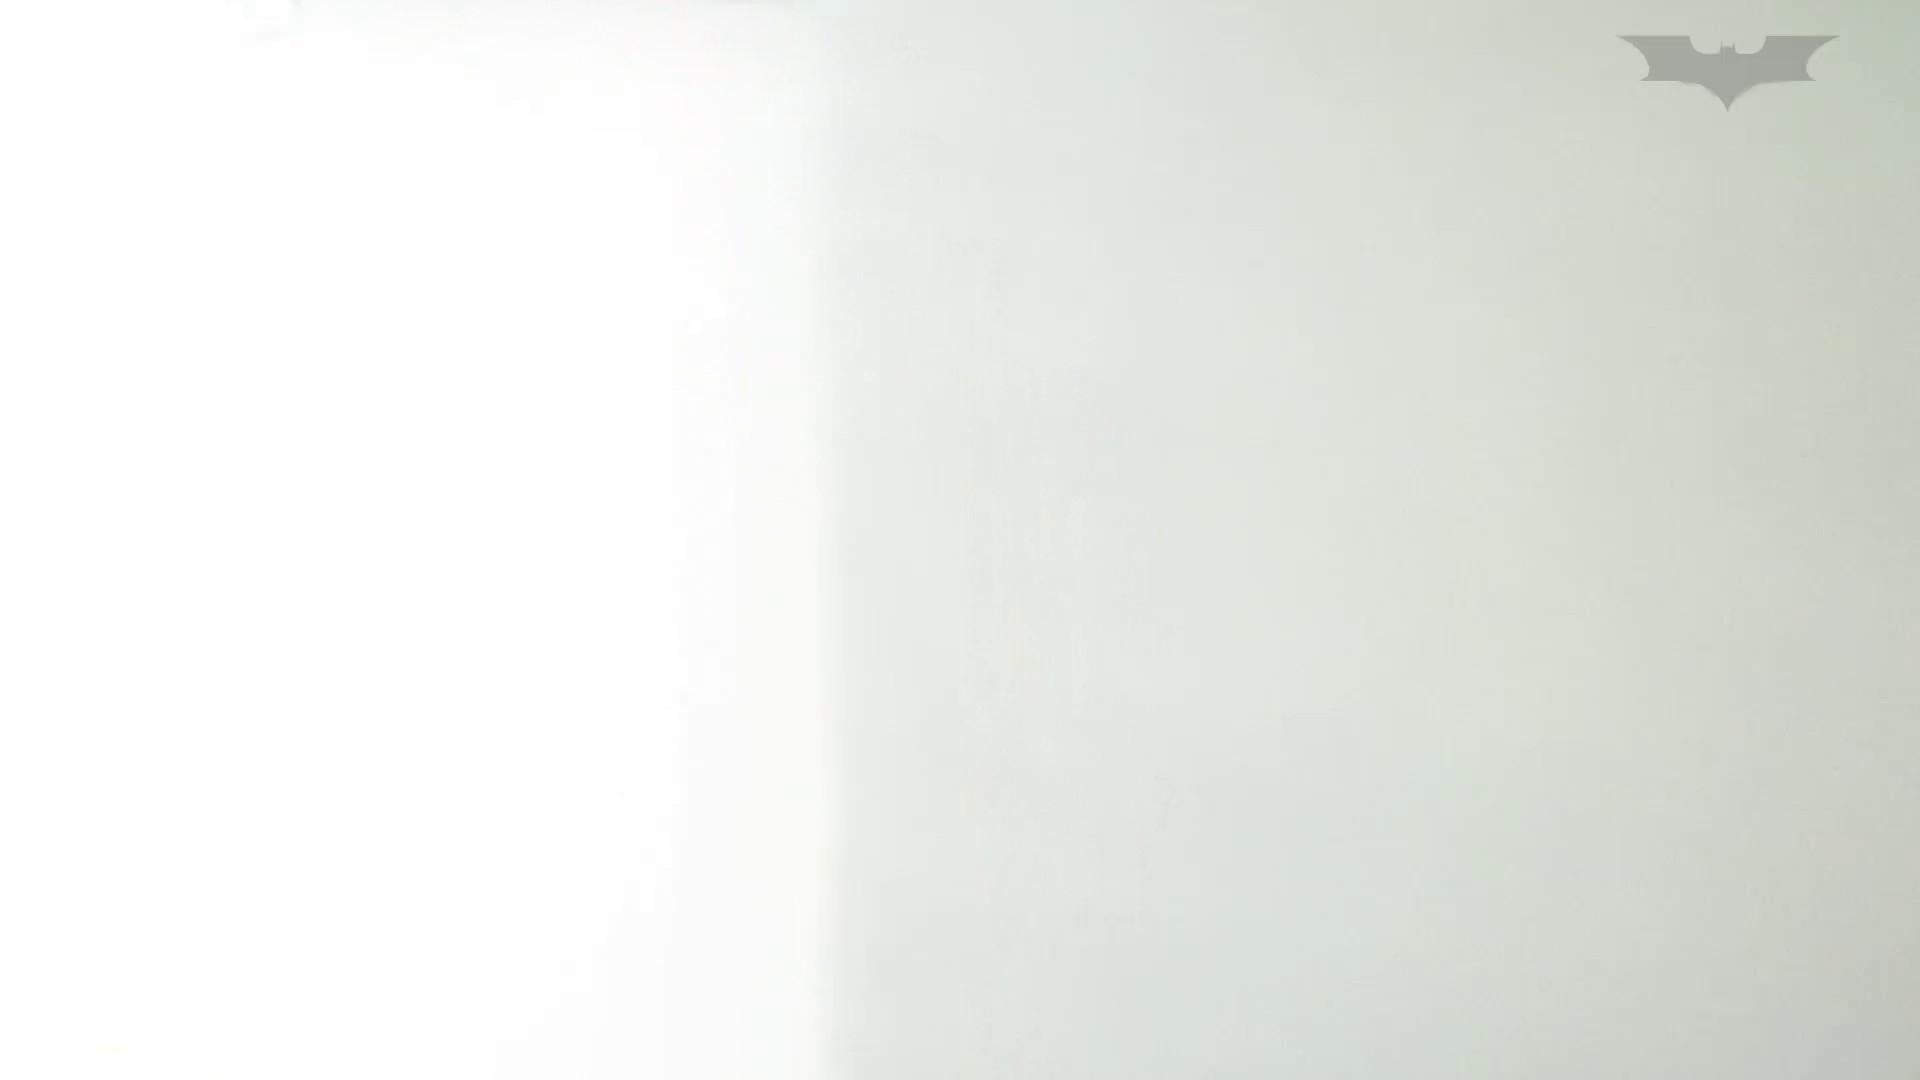 化粧室絵巻 ショッピングモール編 VOL.10 盛合せ  113PIX 38